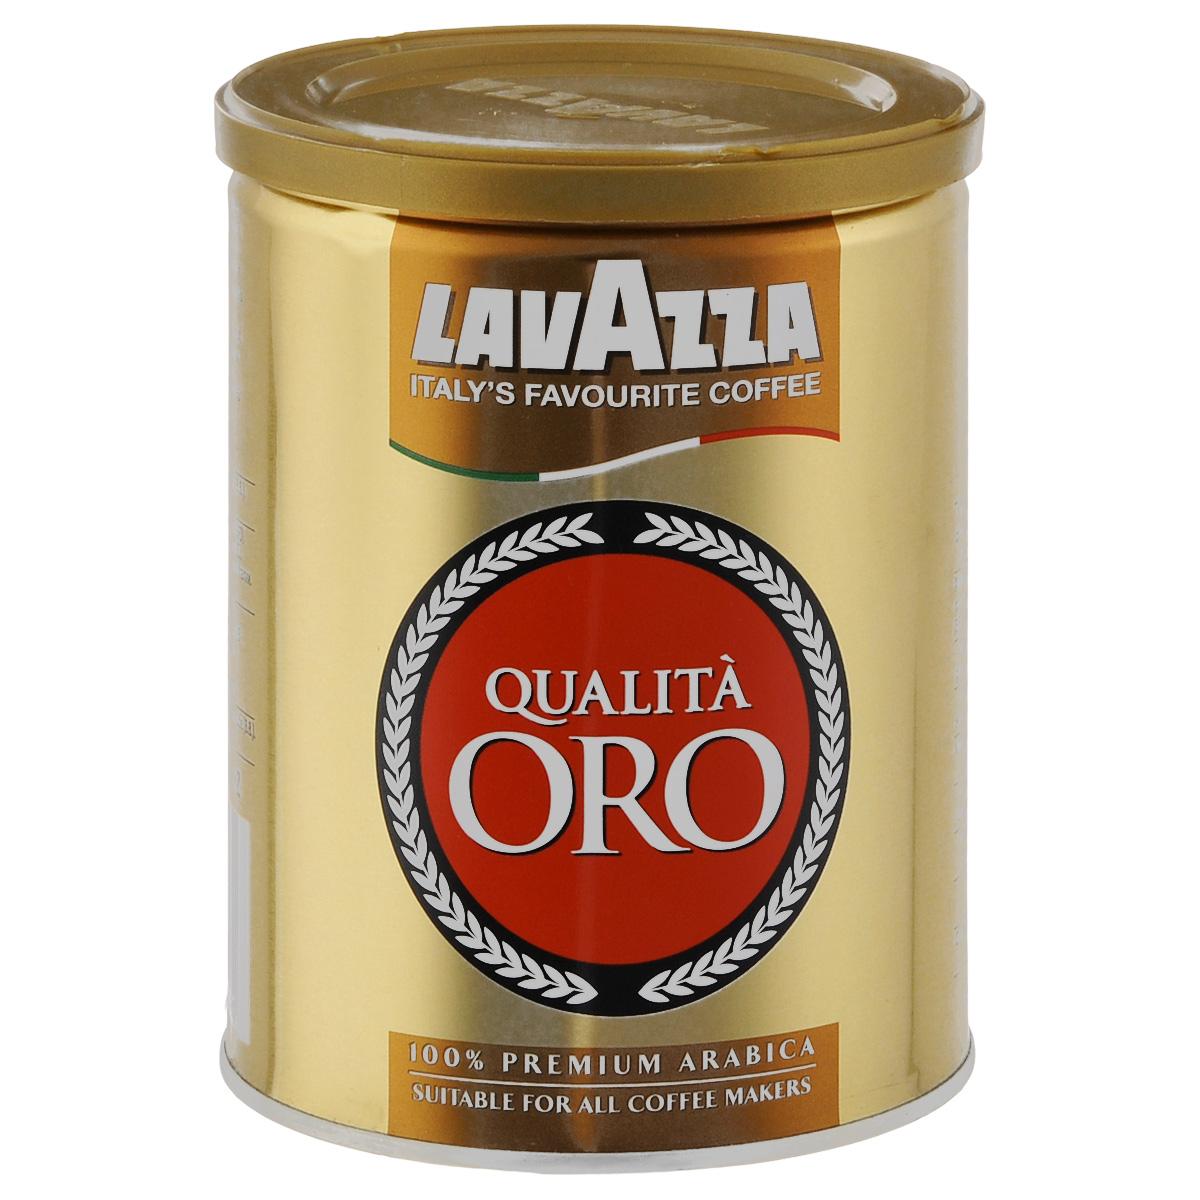 Lavazza Qualita Oro кофе молотый, 250 г2058Молотый кофе Lavazza Qualita Oro является превосходной смесью из 100% арабики, выращенной на плантациях Центральной и Южной Америки. Золотая смесь Lavazza Qualita Oro отличается нежным, легко узнаваемым ароматом. Кофе Lavazza Qualita Oro демонстрирует легкую сладость и приятный кислый вкус. Полнота вкуса кофейных зерен сохраняется благодаря медленной средней обжарке.